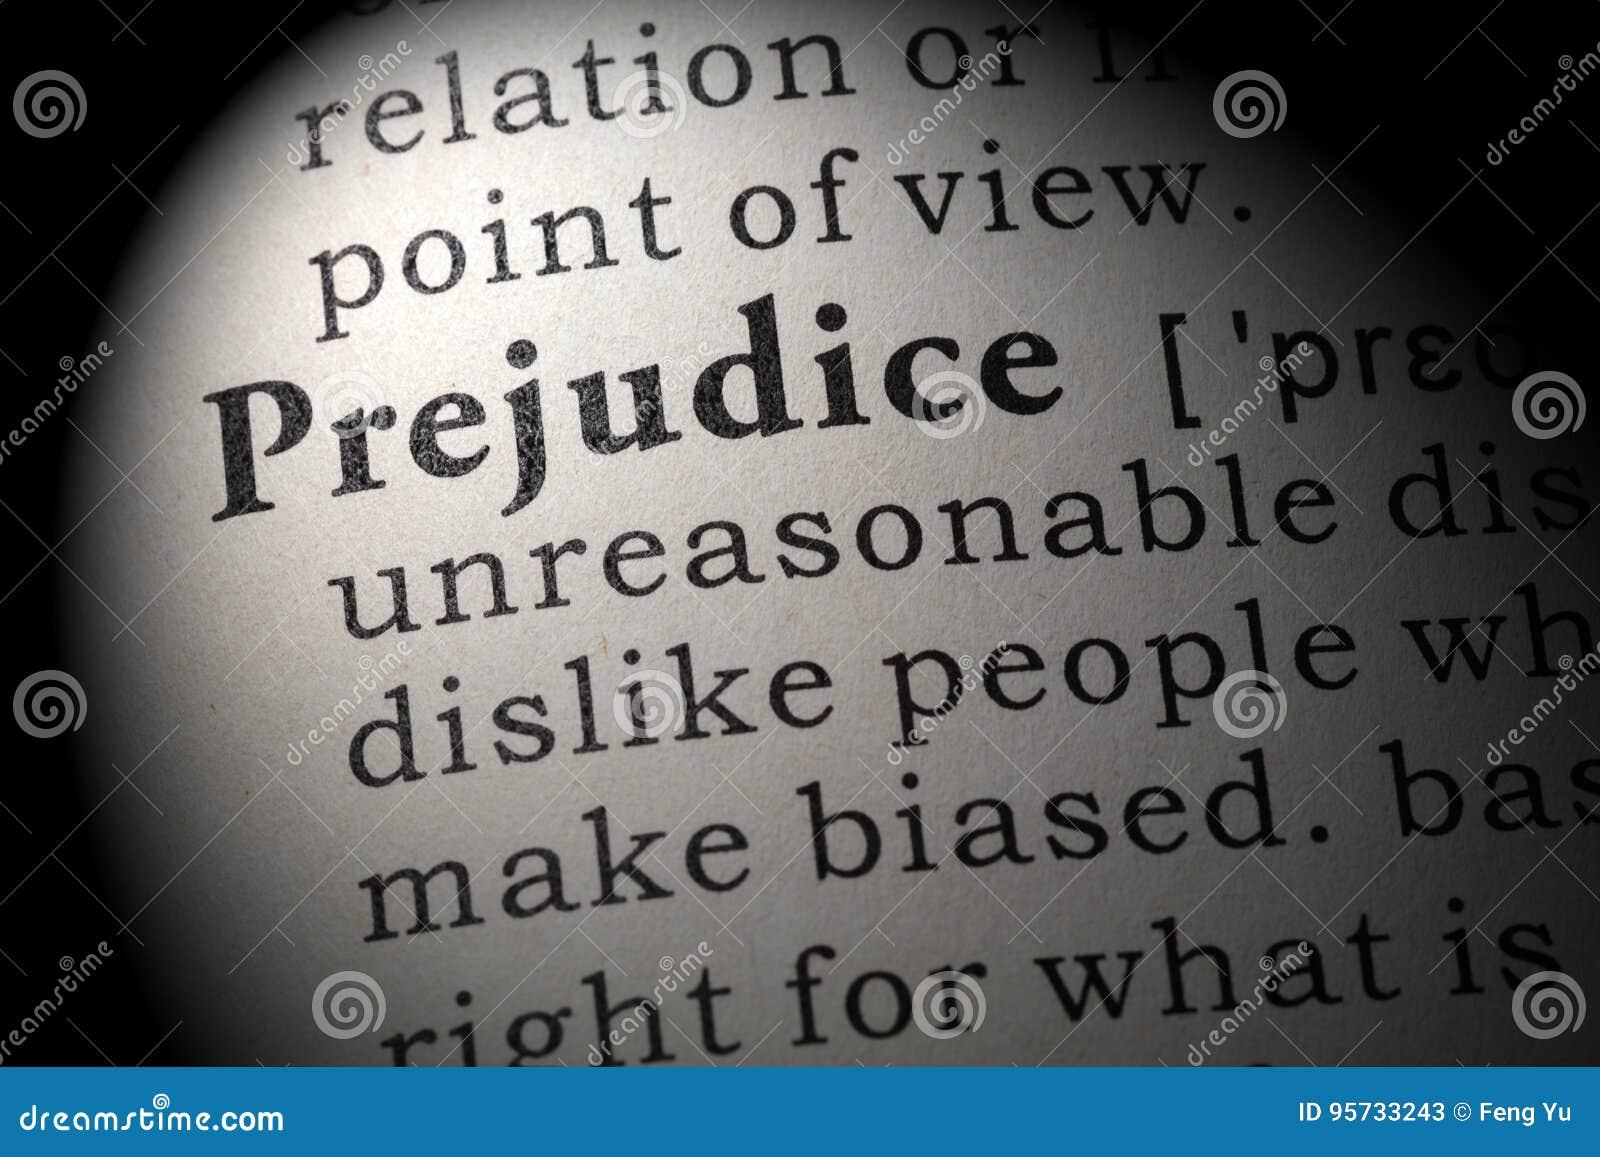 definition of prejudice stock image. image of prejudice - 95733243